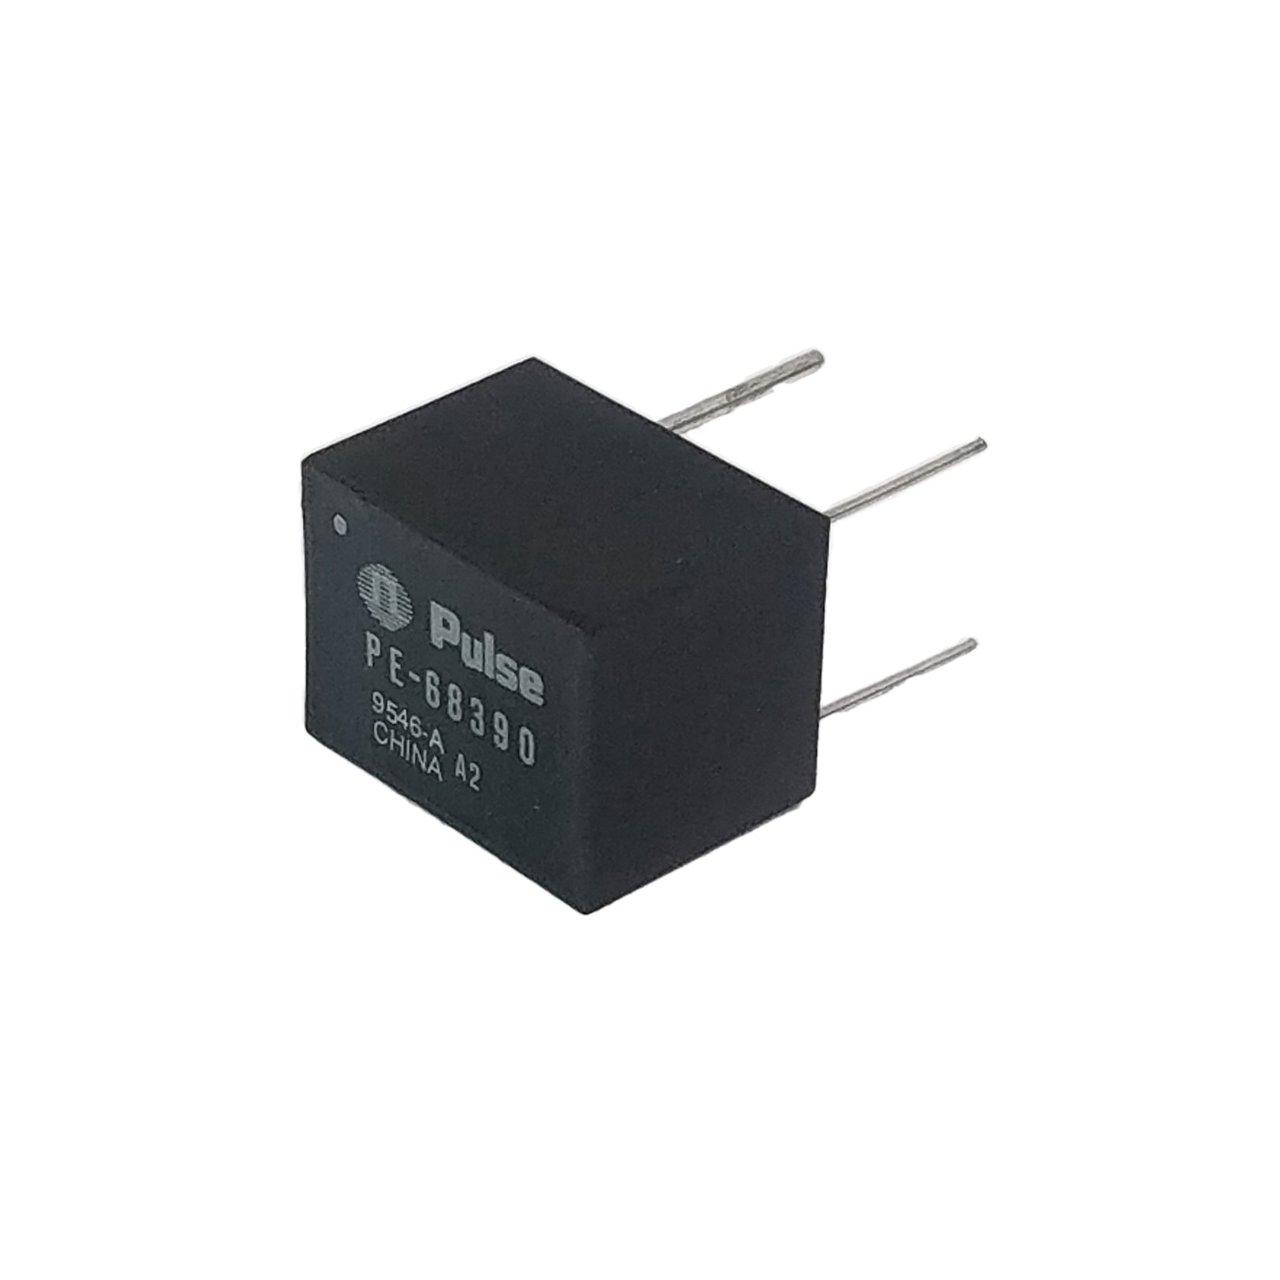 Pe 68390 Pulse Electronics Corporation Transformer